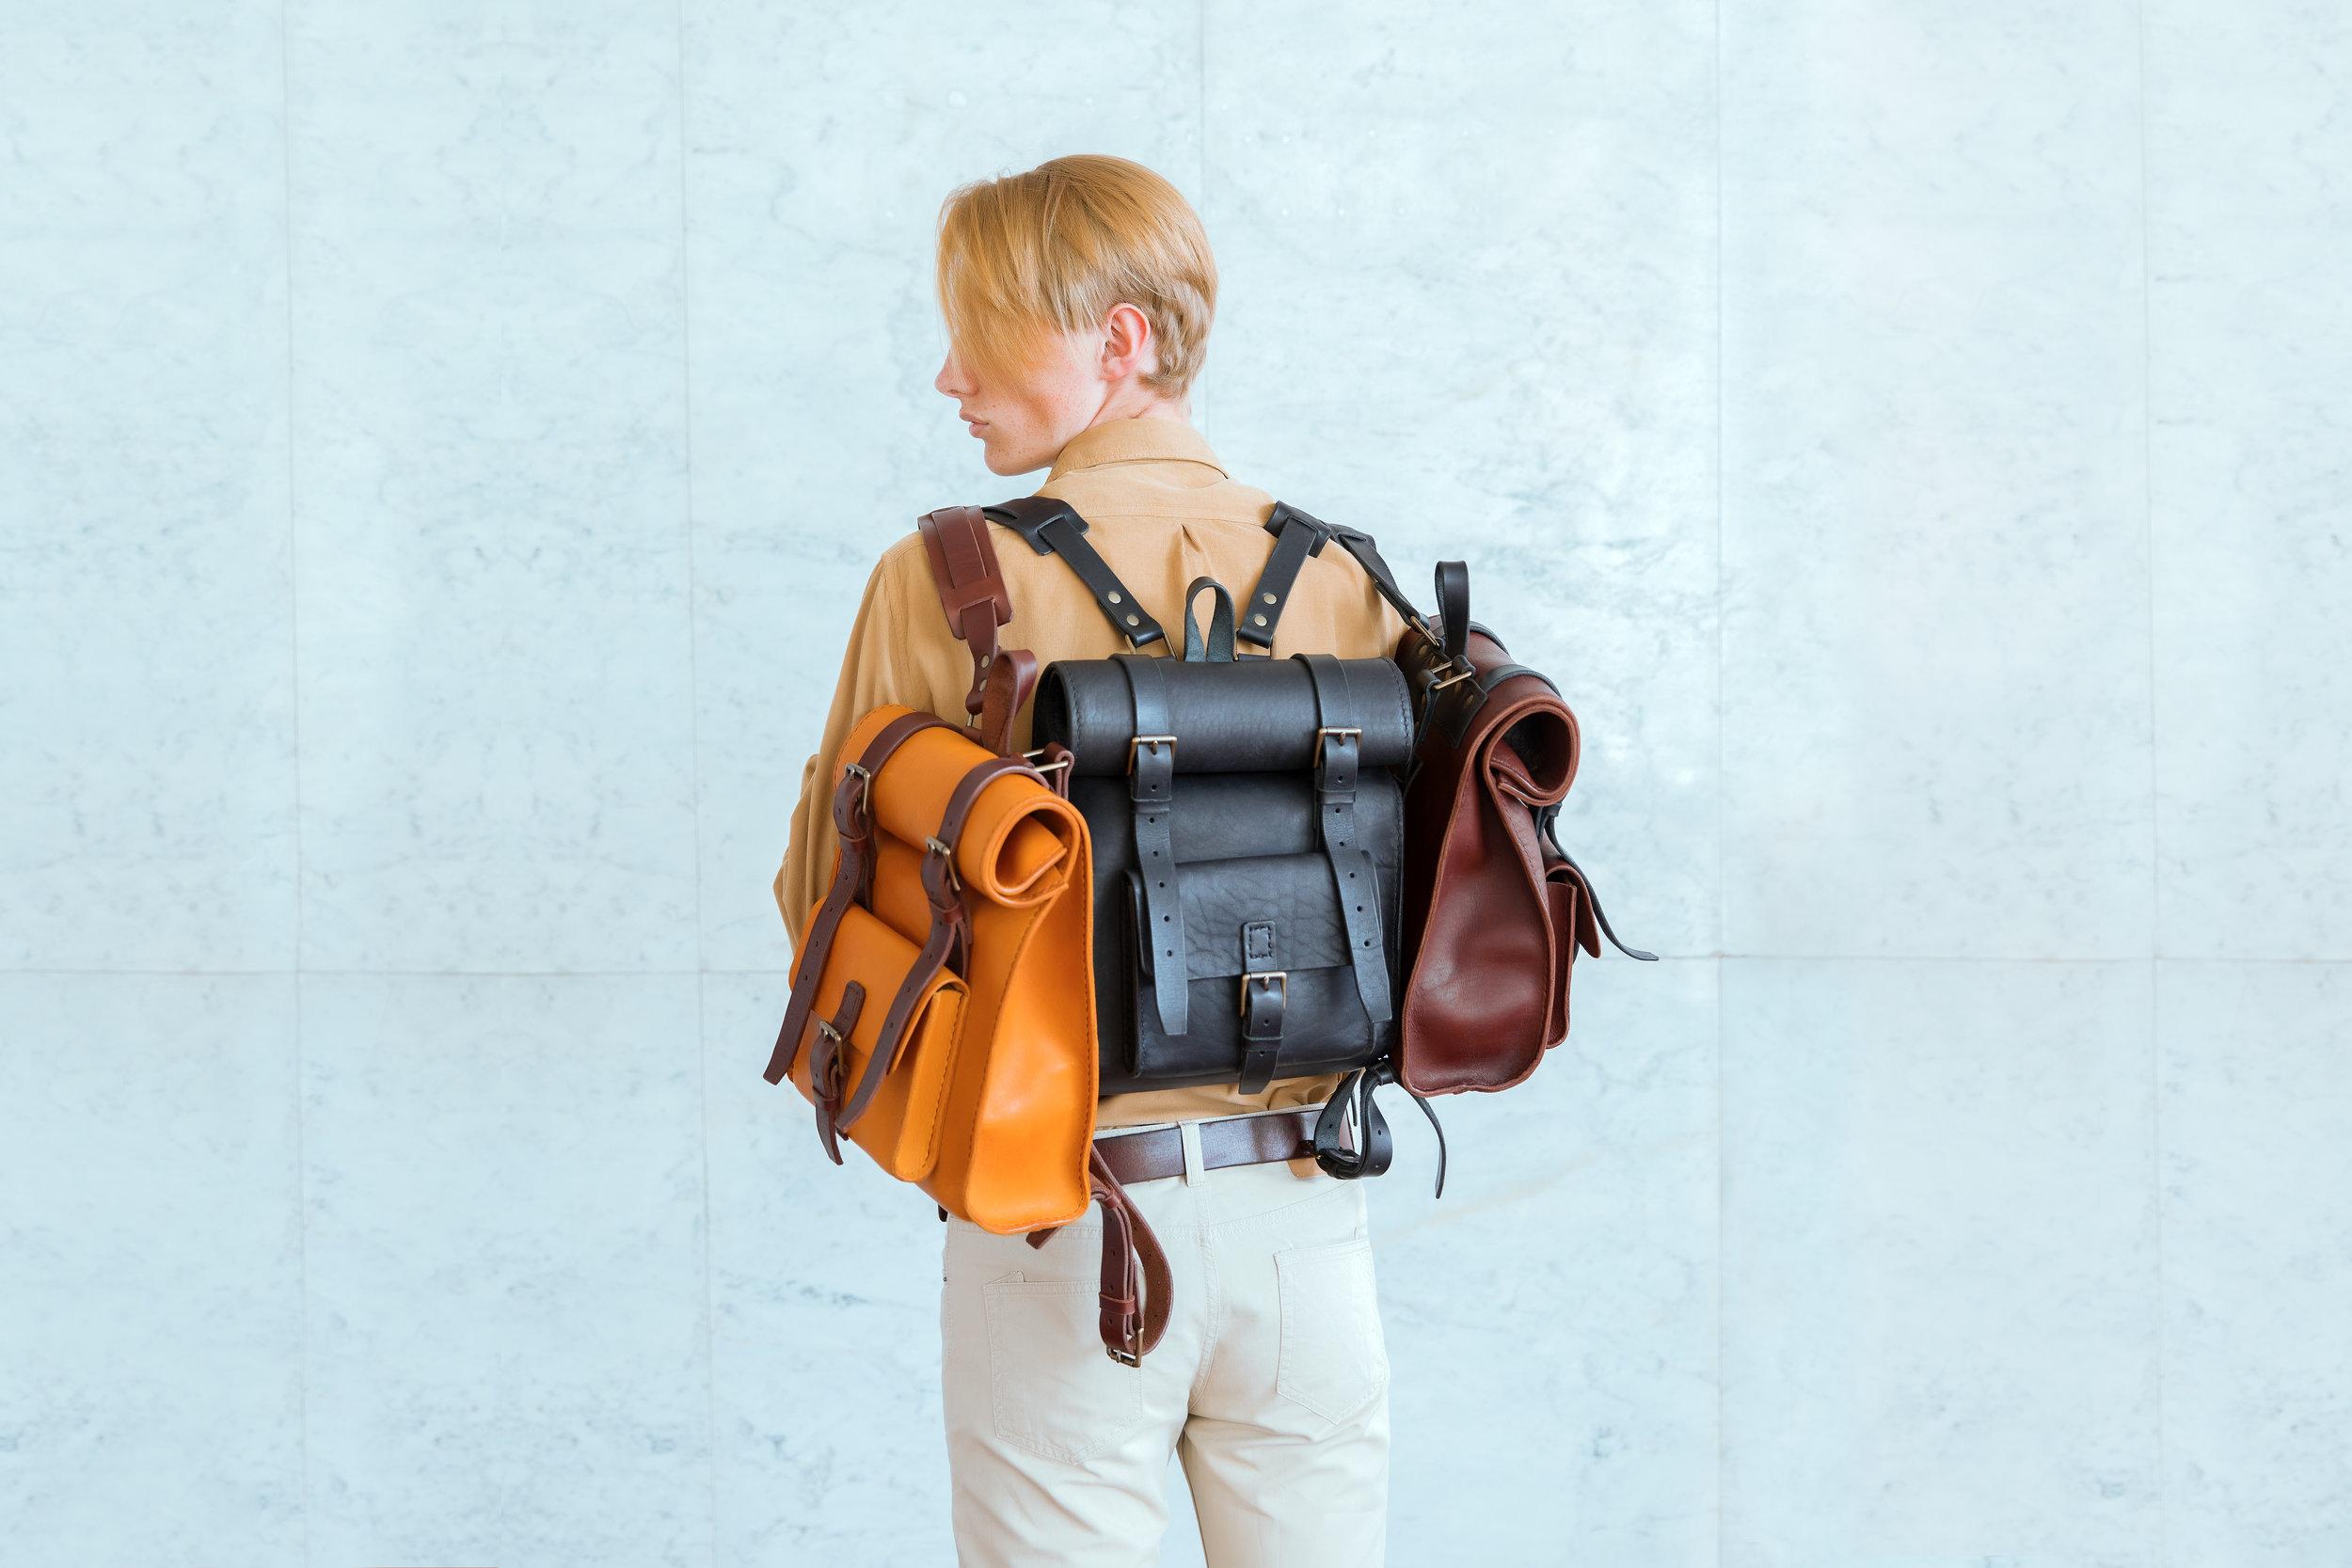 Boy with three handmade rucksacks